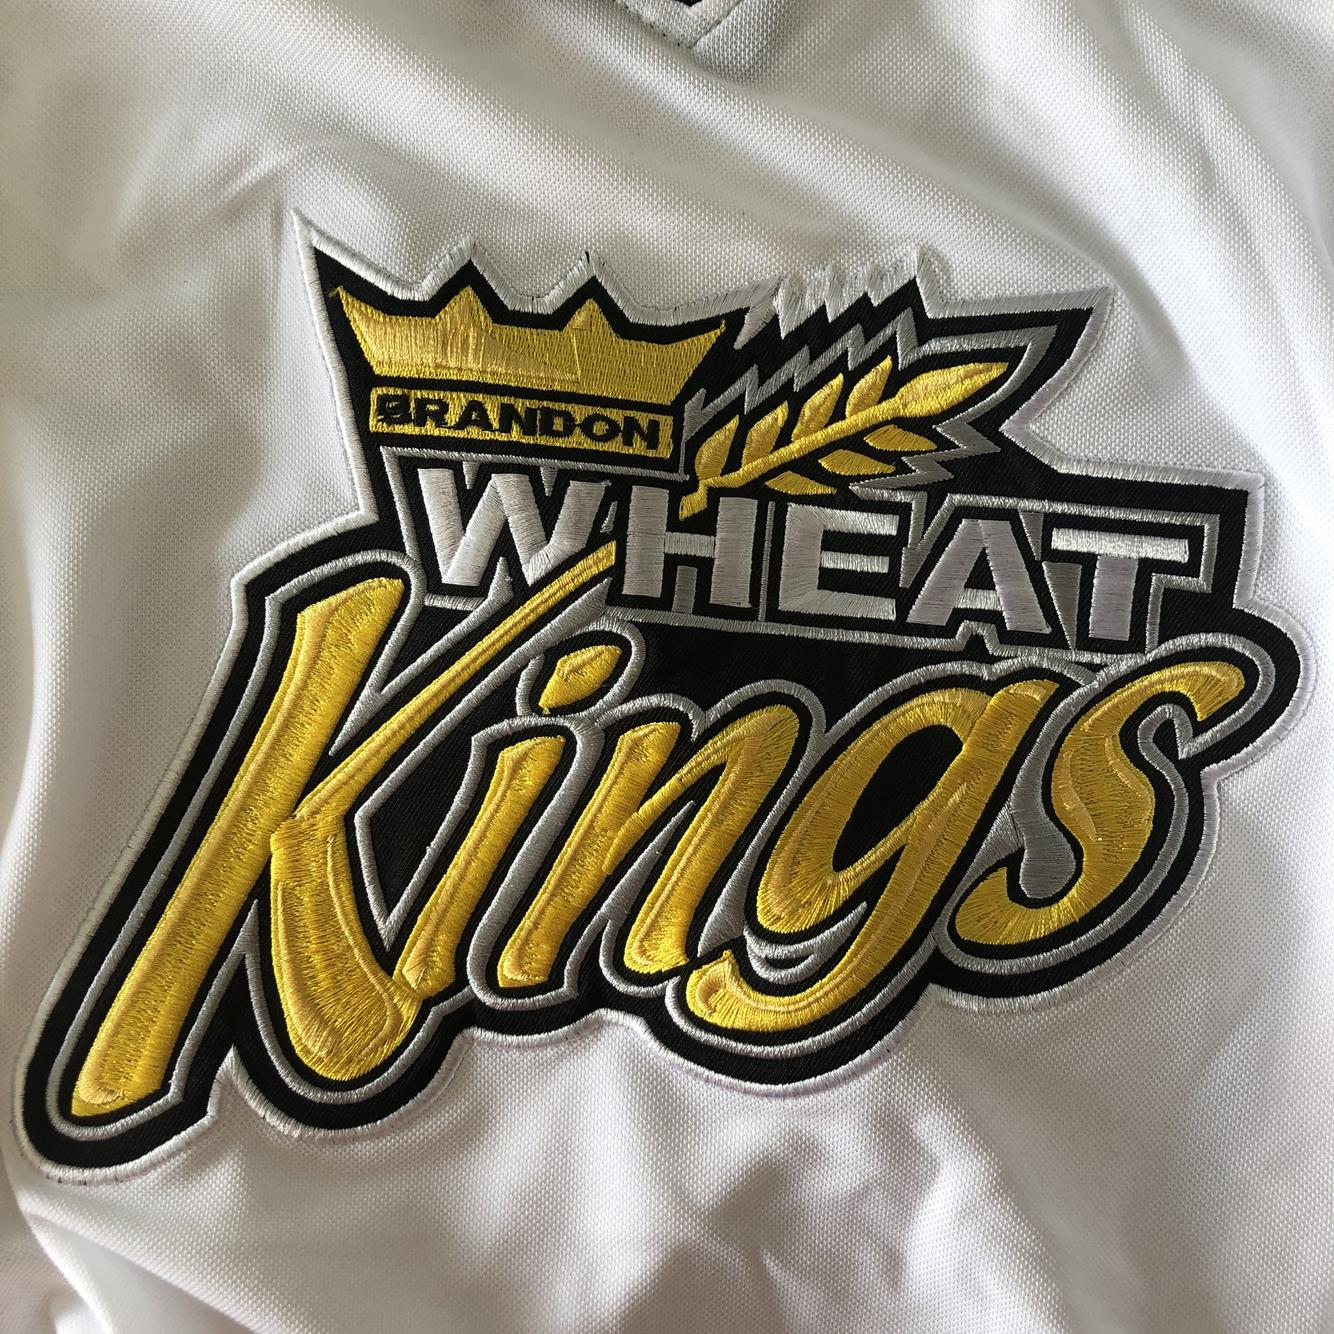 brandon wheat kings jerseys